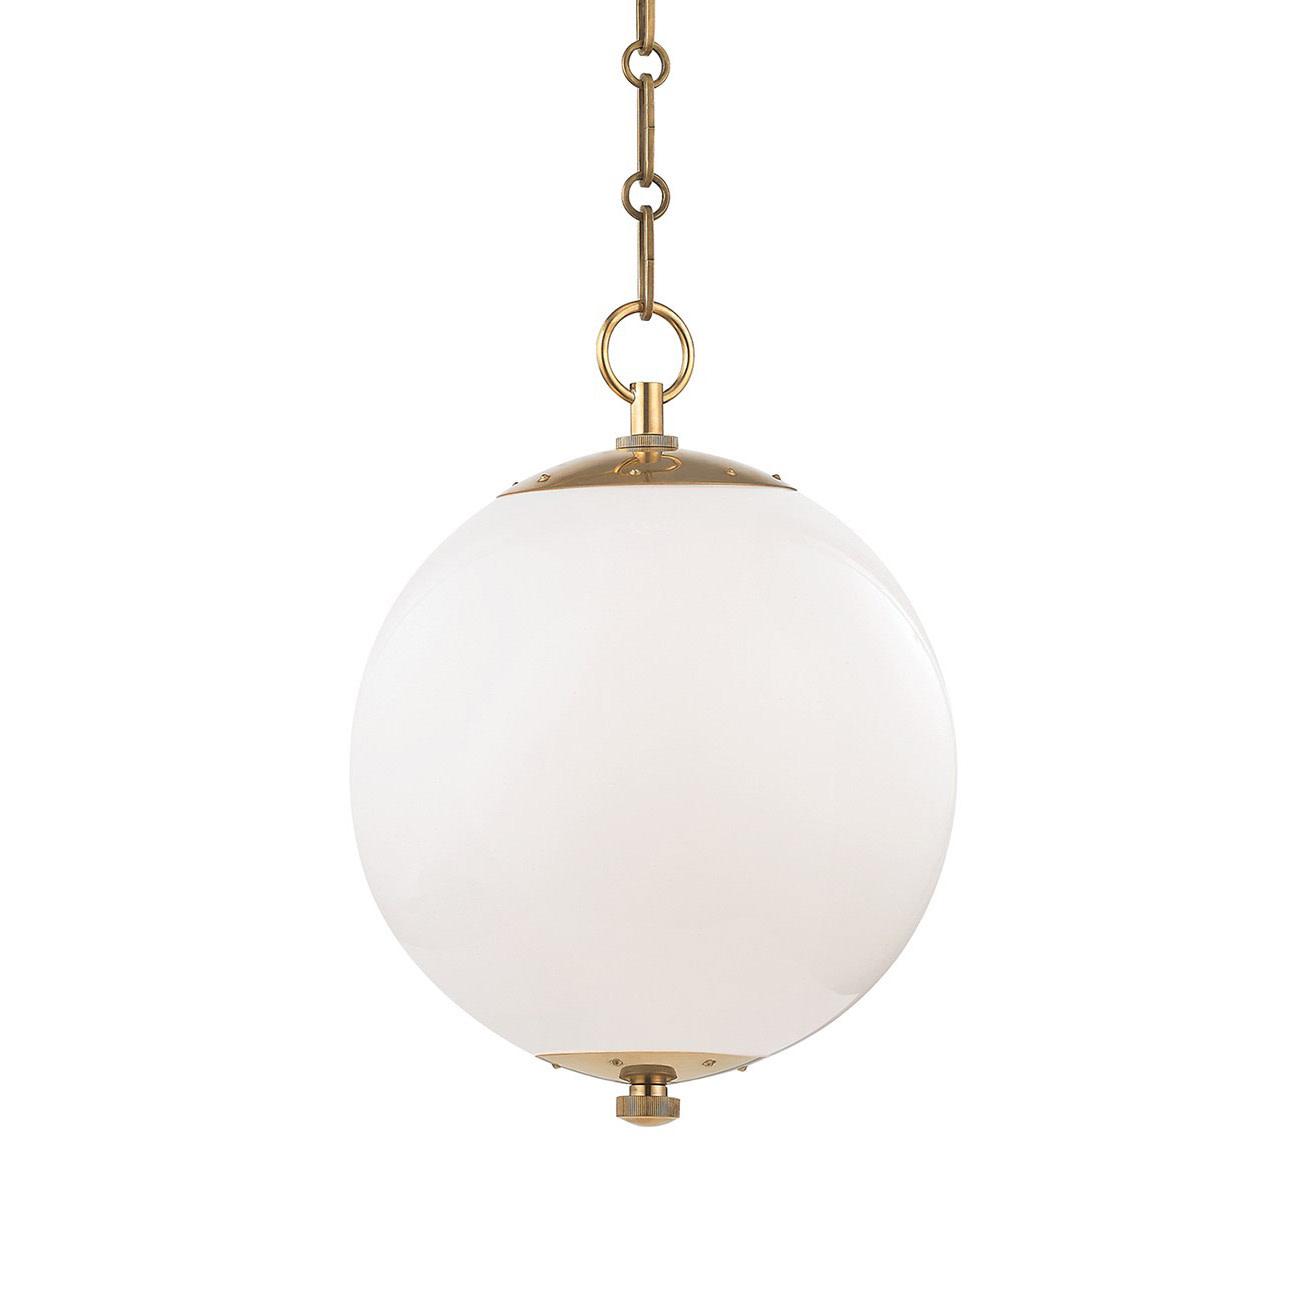 Sphere No. 1 Pendant